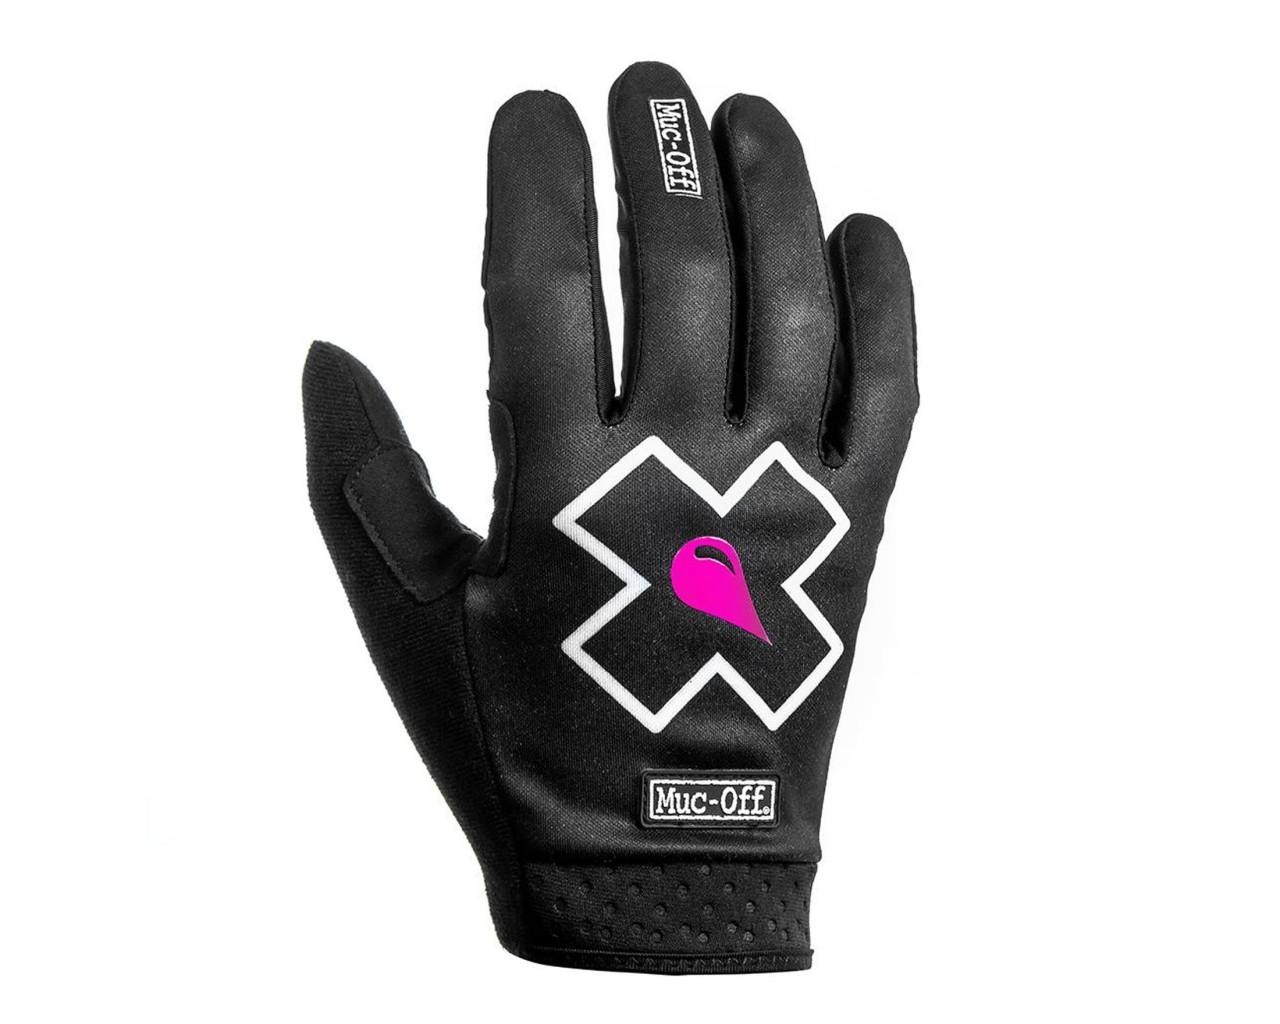 Muc-Off MTB Handschuhe langfinger | black